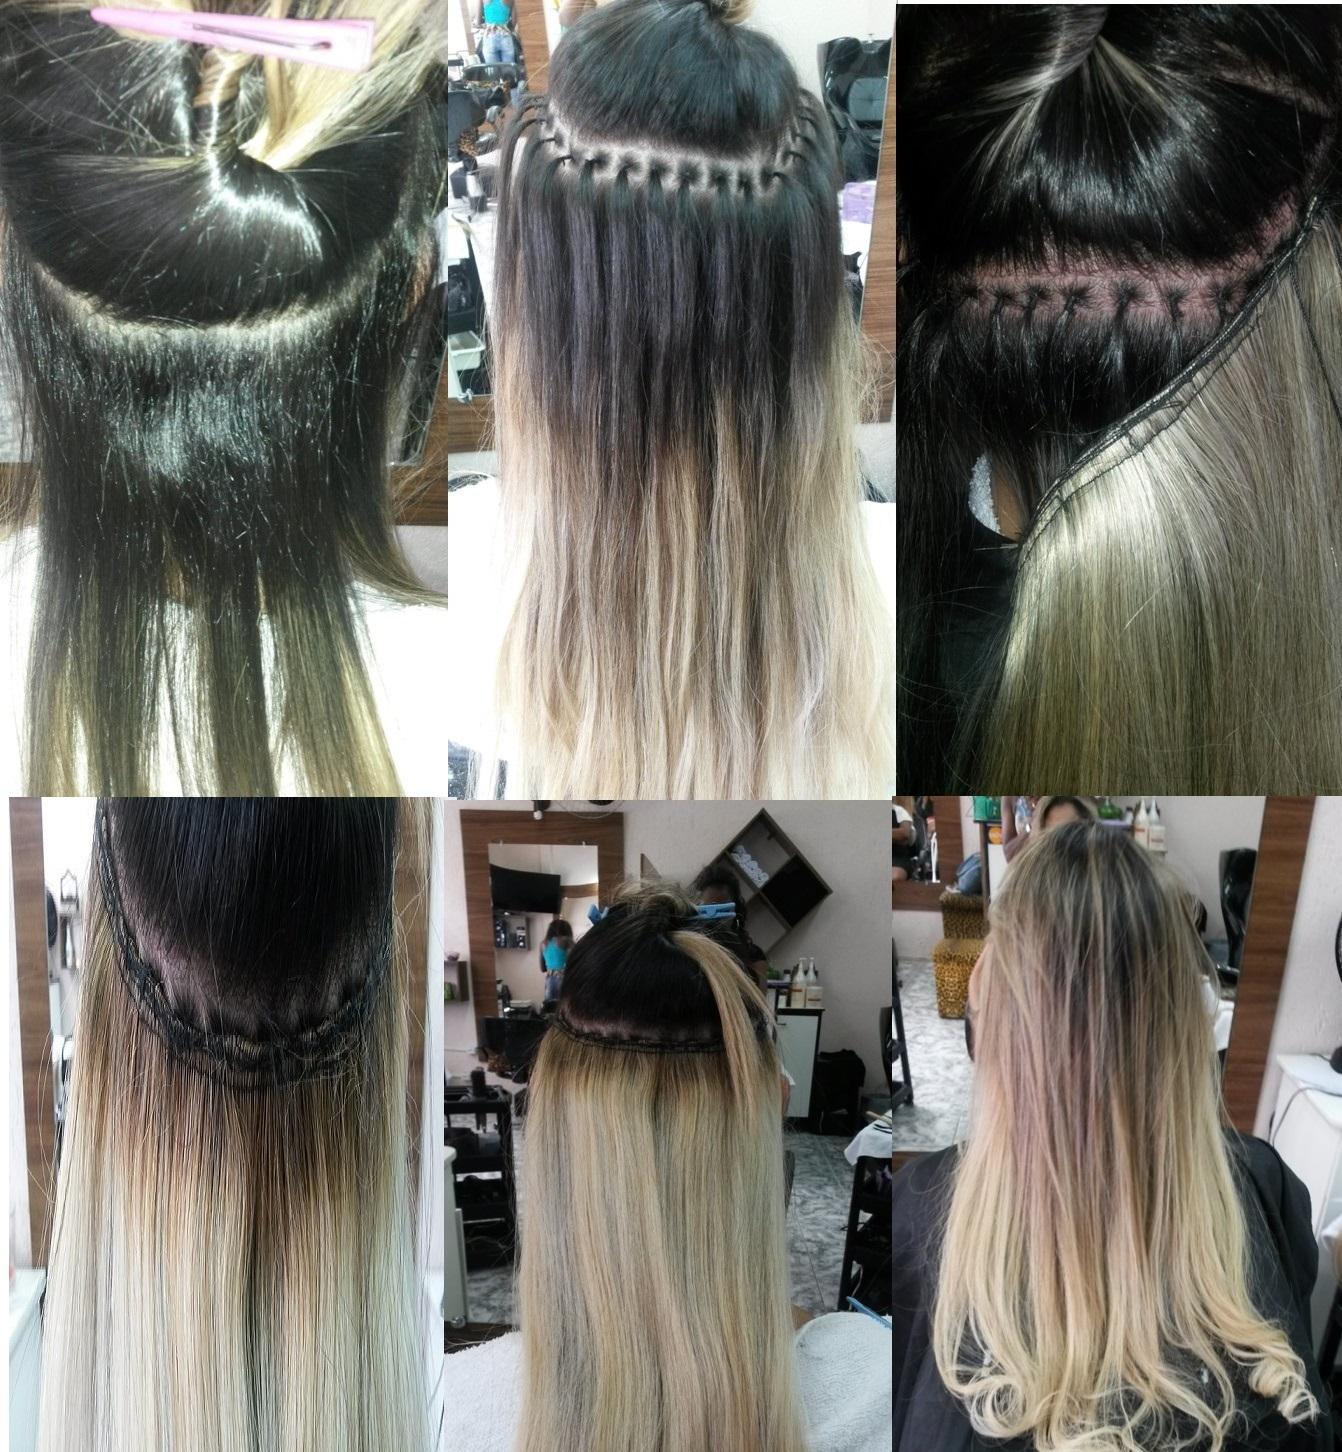 Alongamento Ponto Invisivel ou Americano Alongamento feito a partir de pontos presos a raiz do cabelo com lastex e apos costurado a tela do cabelo finalizando o alongamento com duração de 60 a 90 dias. cabeleireiro(a)